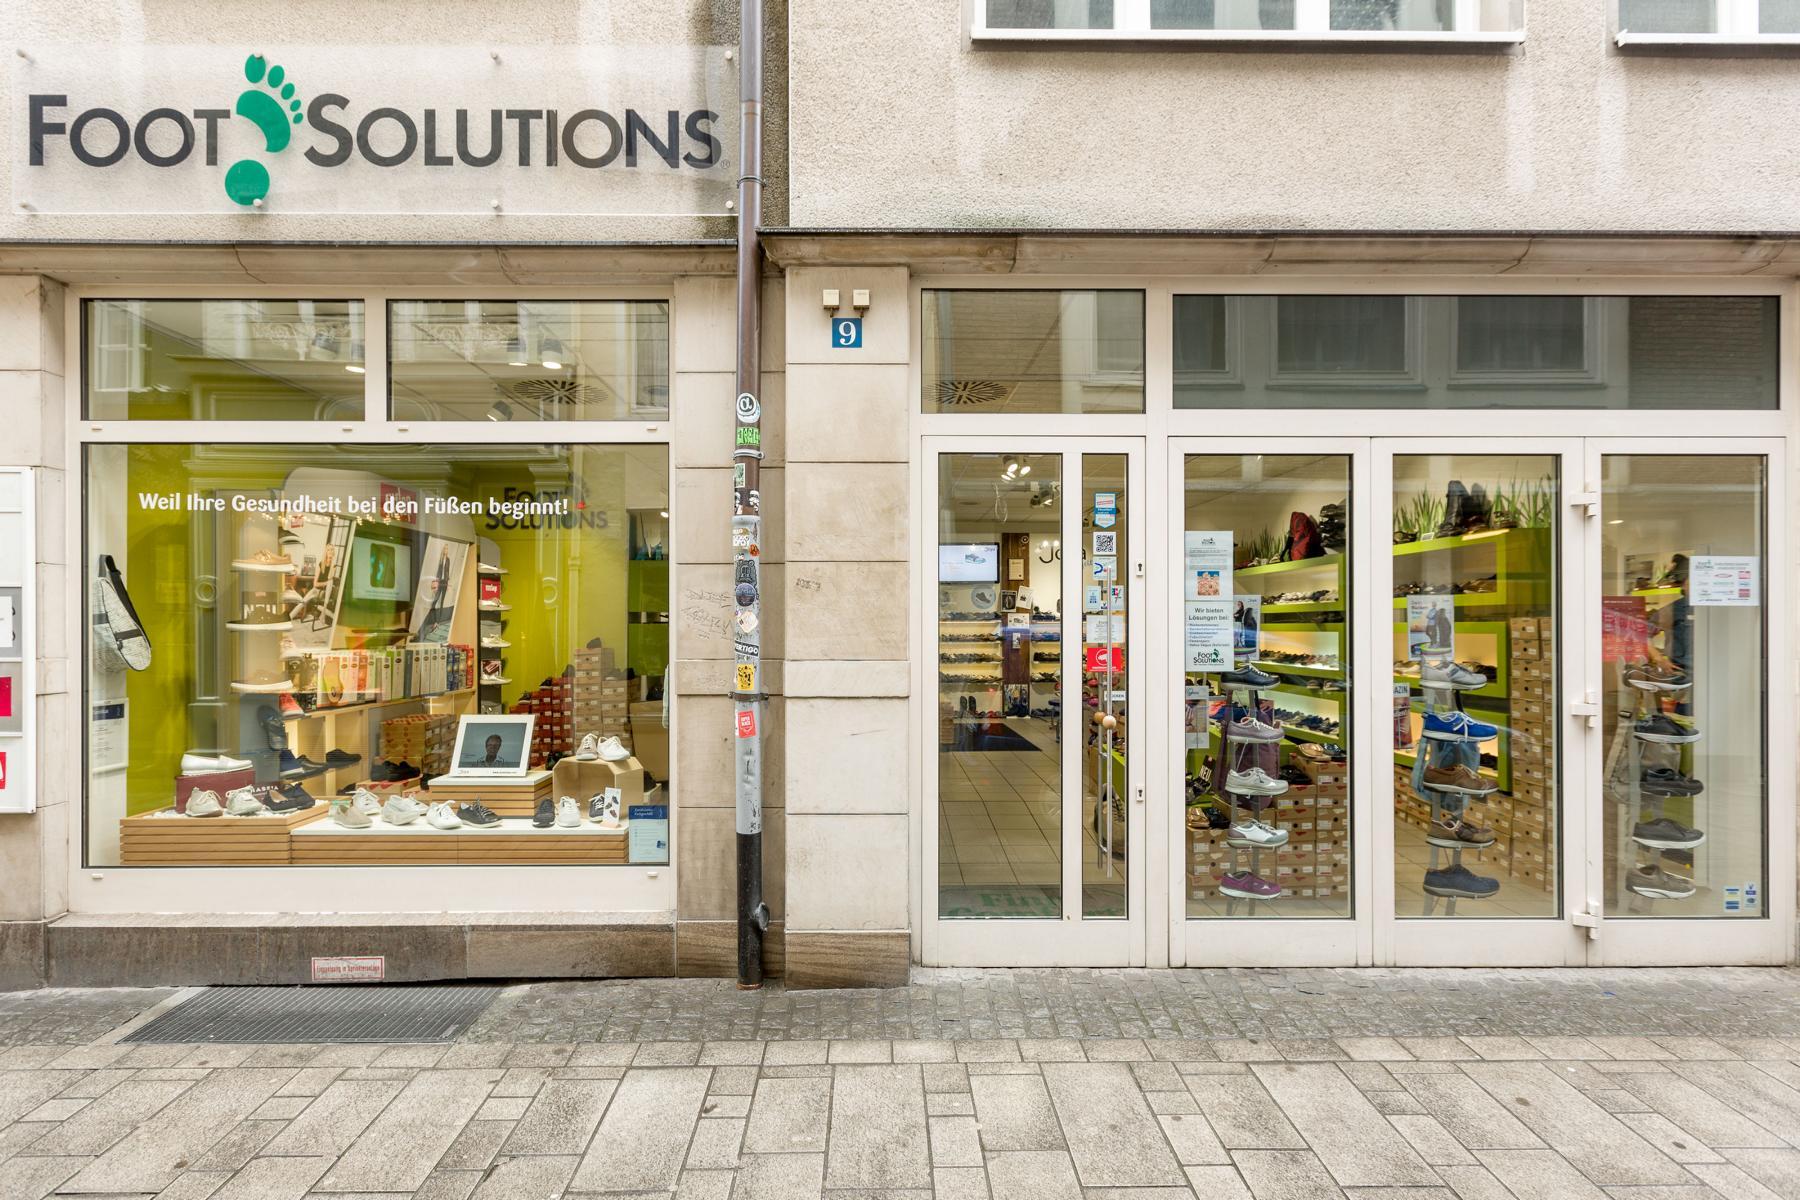 Foot Solutions Filiale in Düsseldorf